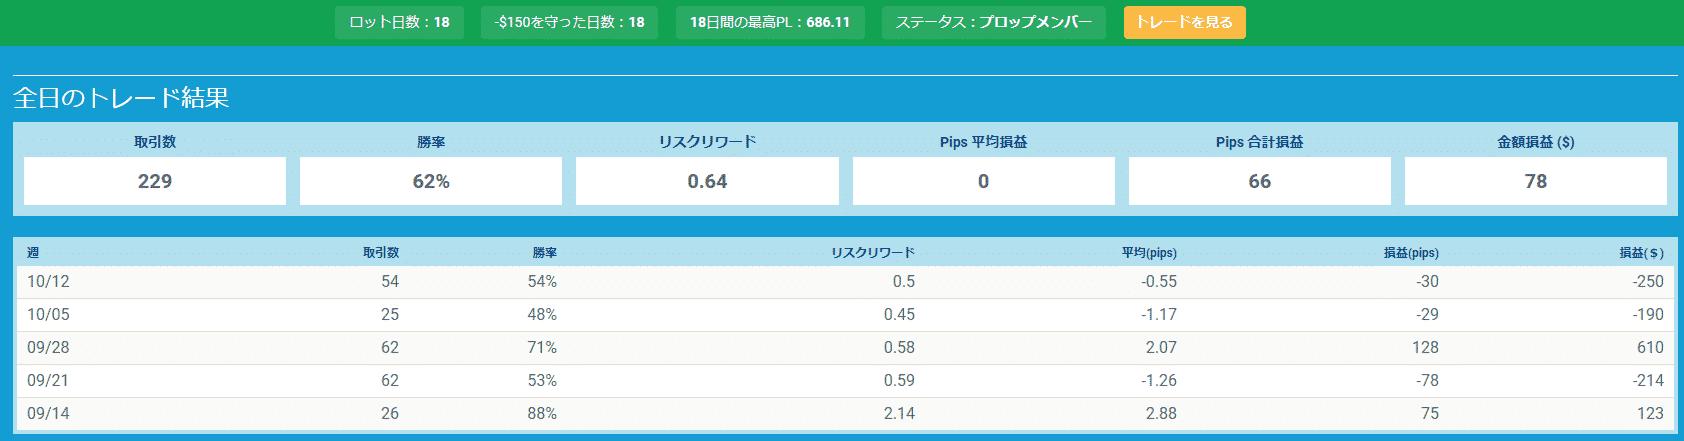 プロップトレーダーチャートTomo3